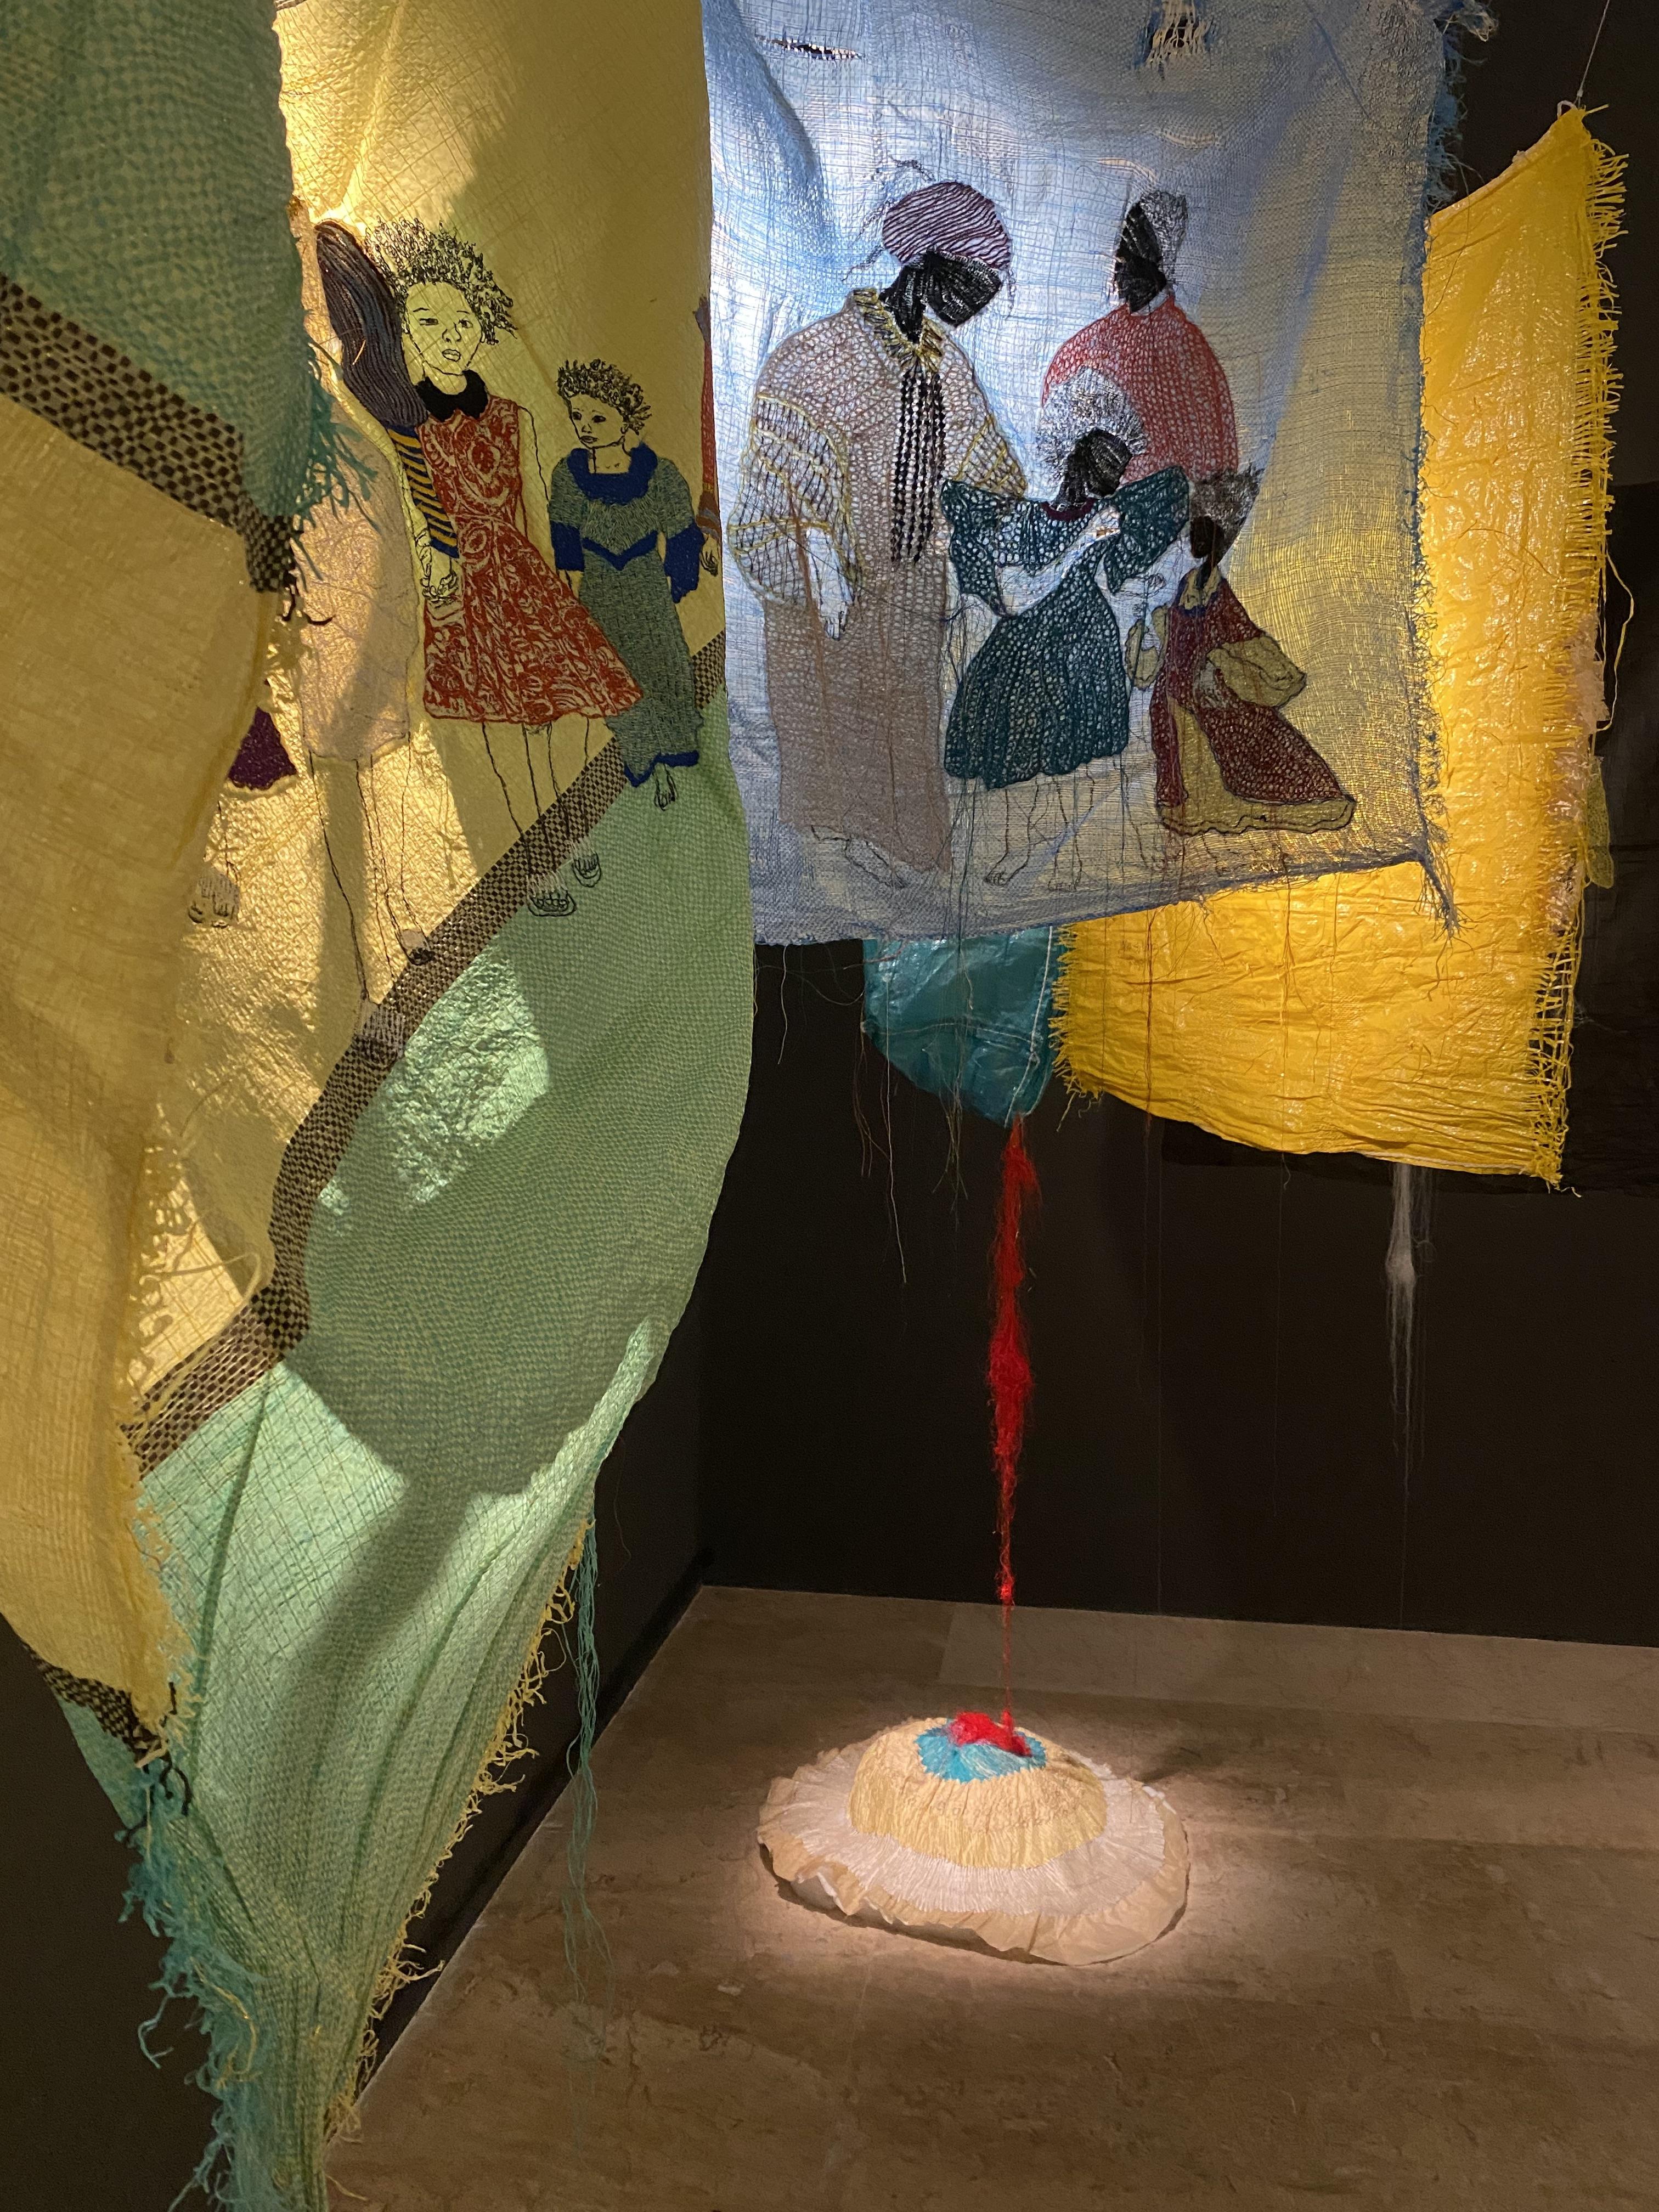 Ana Silva - 0 Fardo - The Power of My Hands - Musée d'Art Moderne de Paris